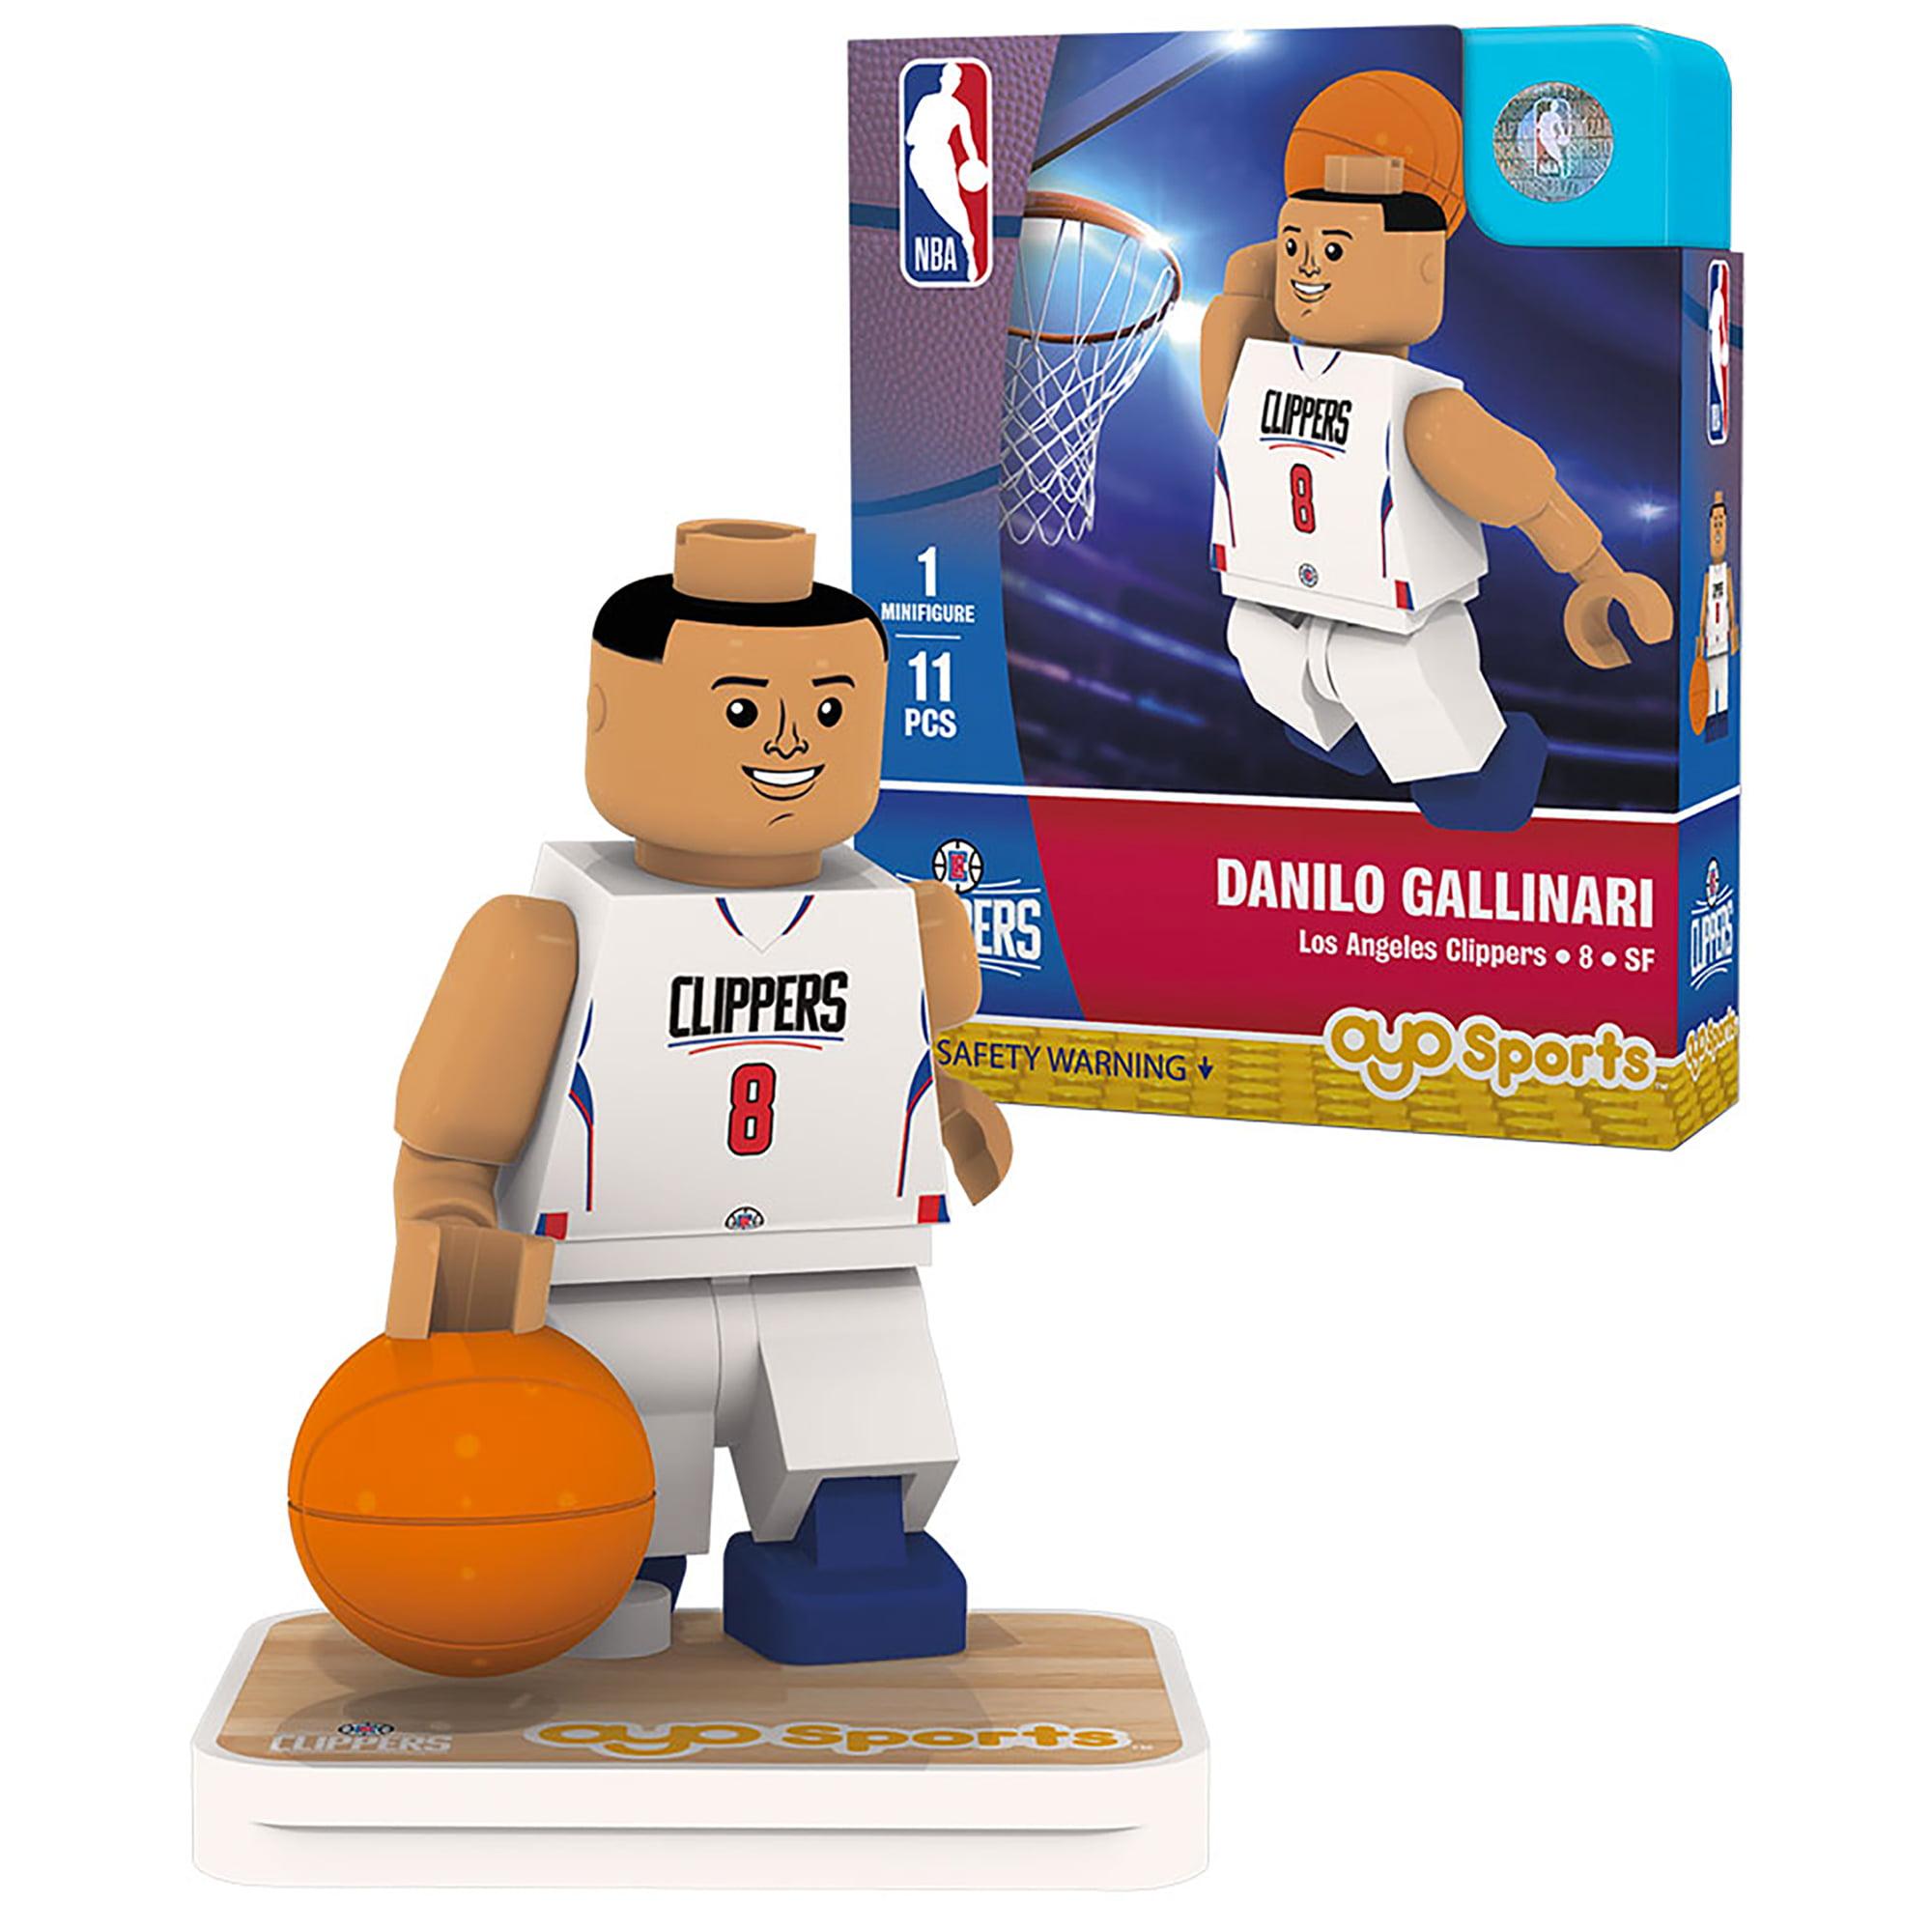 Danilo Gallinari LA Clippers OYO Sports Home Jersey Player Minifigure - No Size